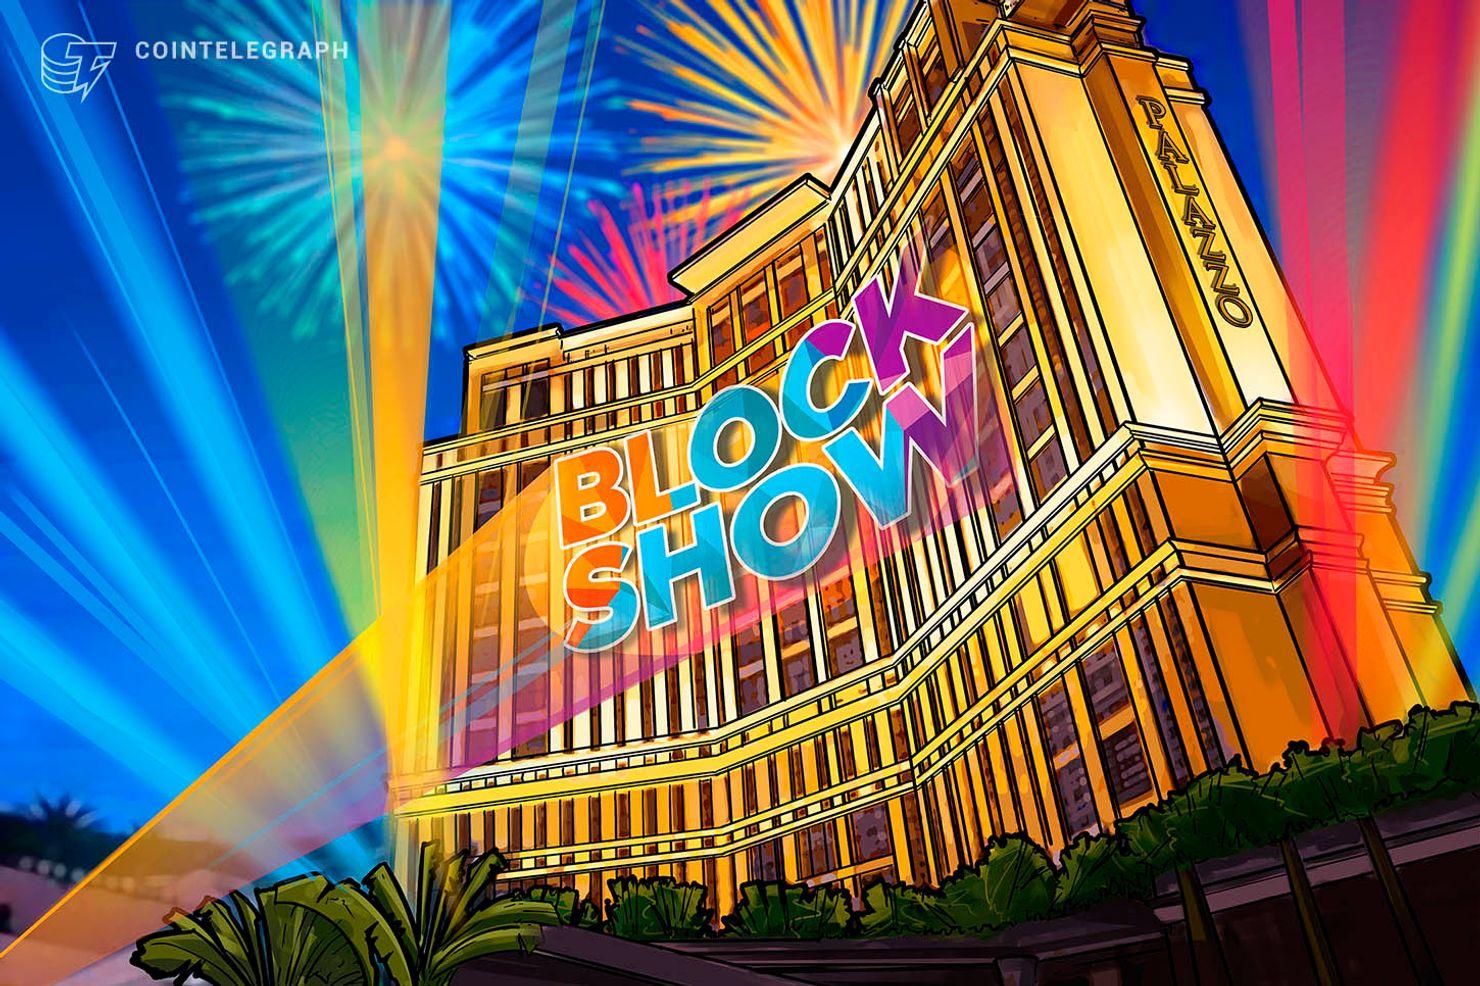 Blockshow Announces Blockshow Americas 2018 Conference in Las Vegas August 20-21